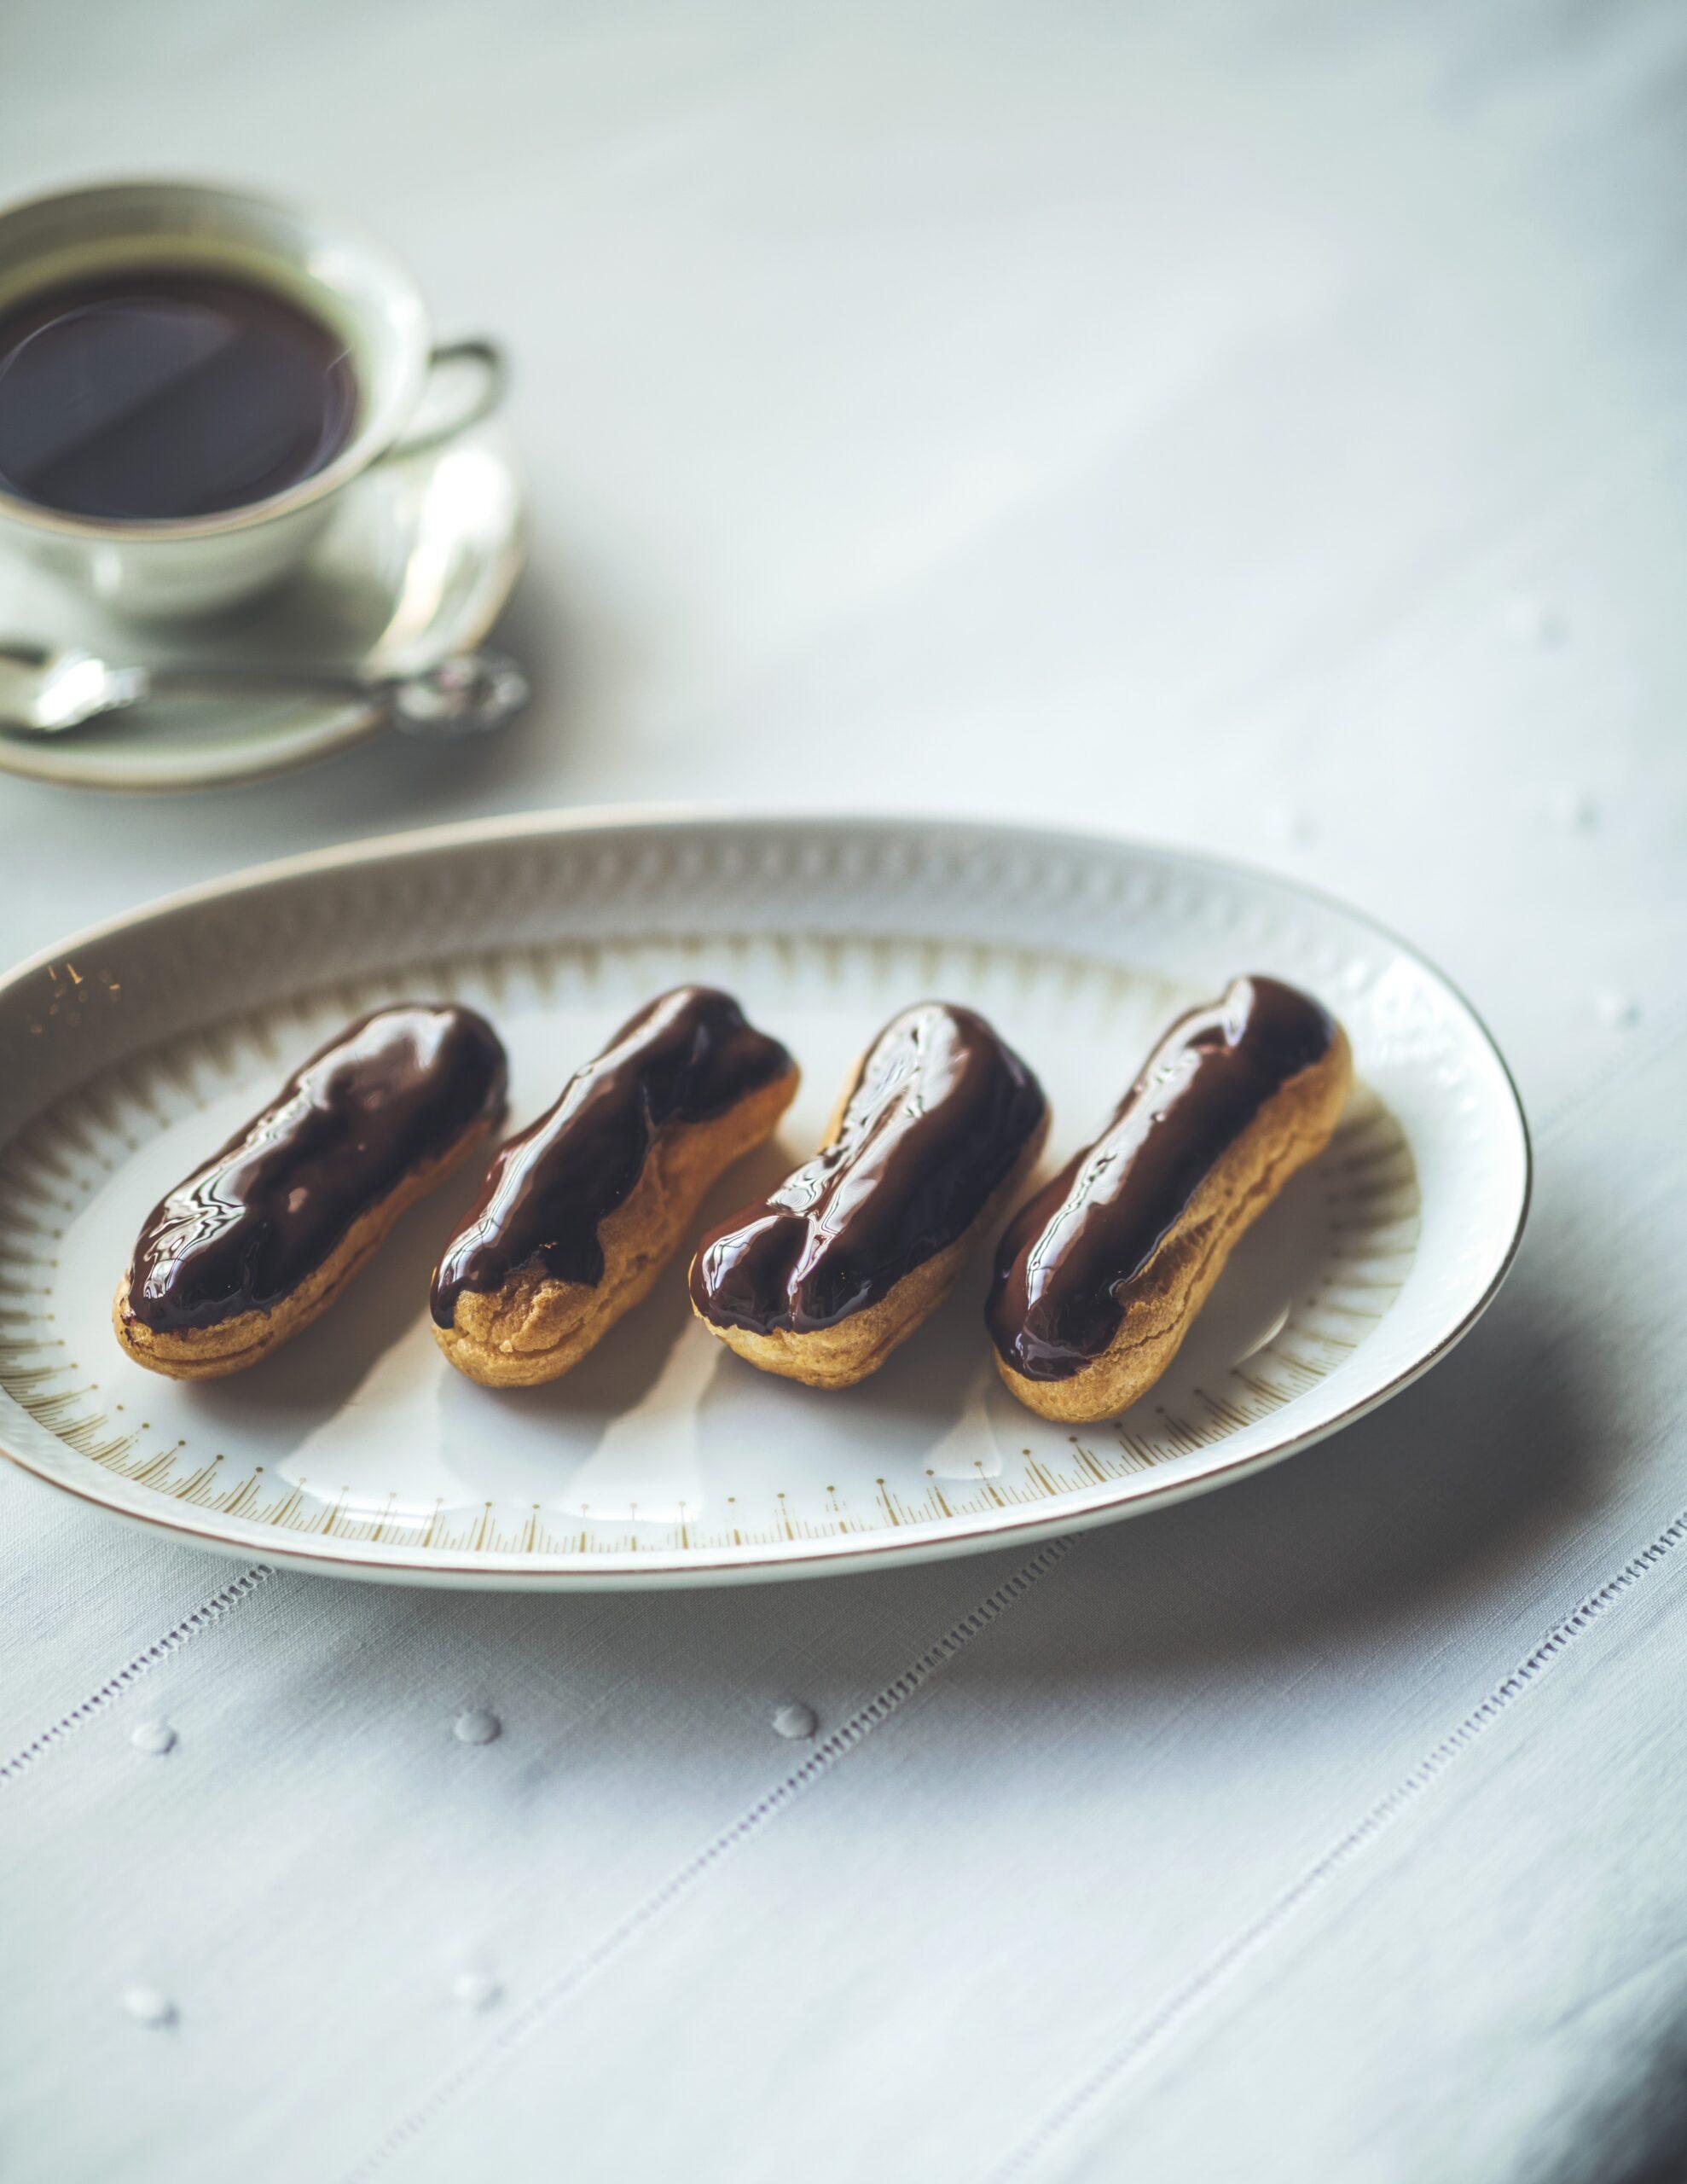 おいしいおはなし 第34回『チョコレート戦争』子ども心も魅了するチョコレートつやめくエクレール